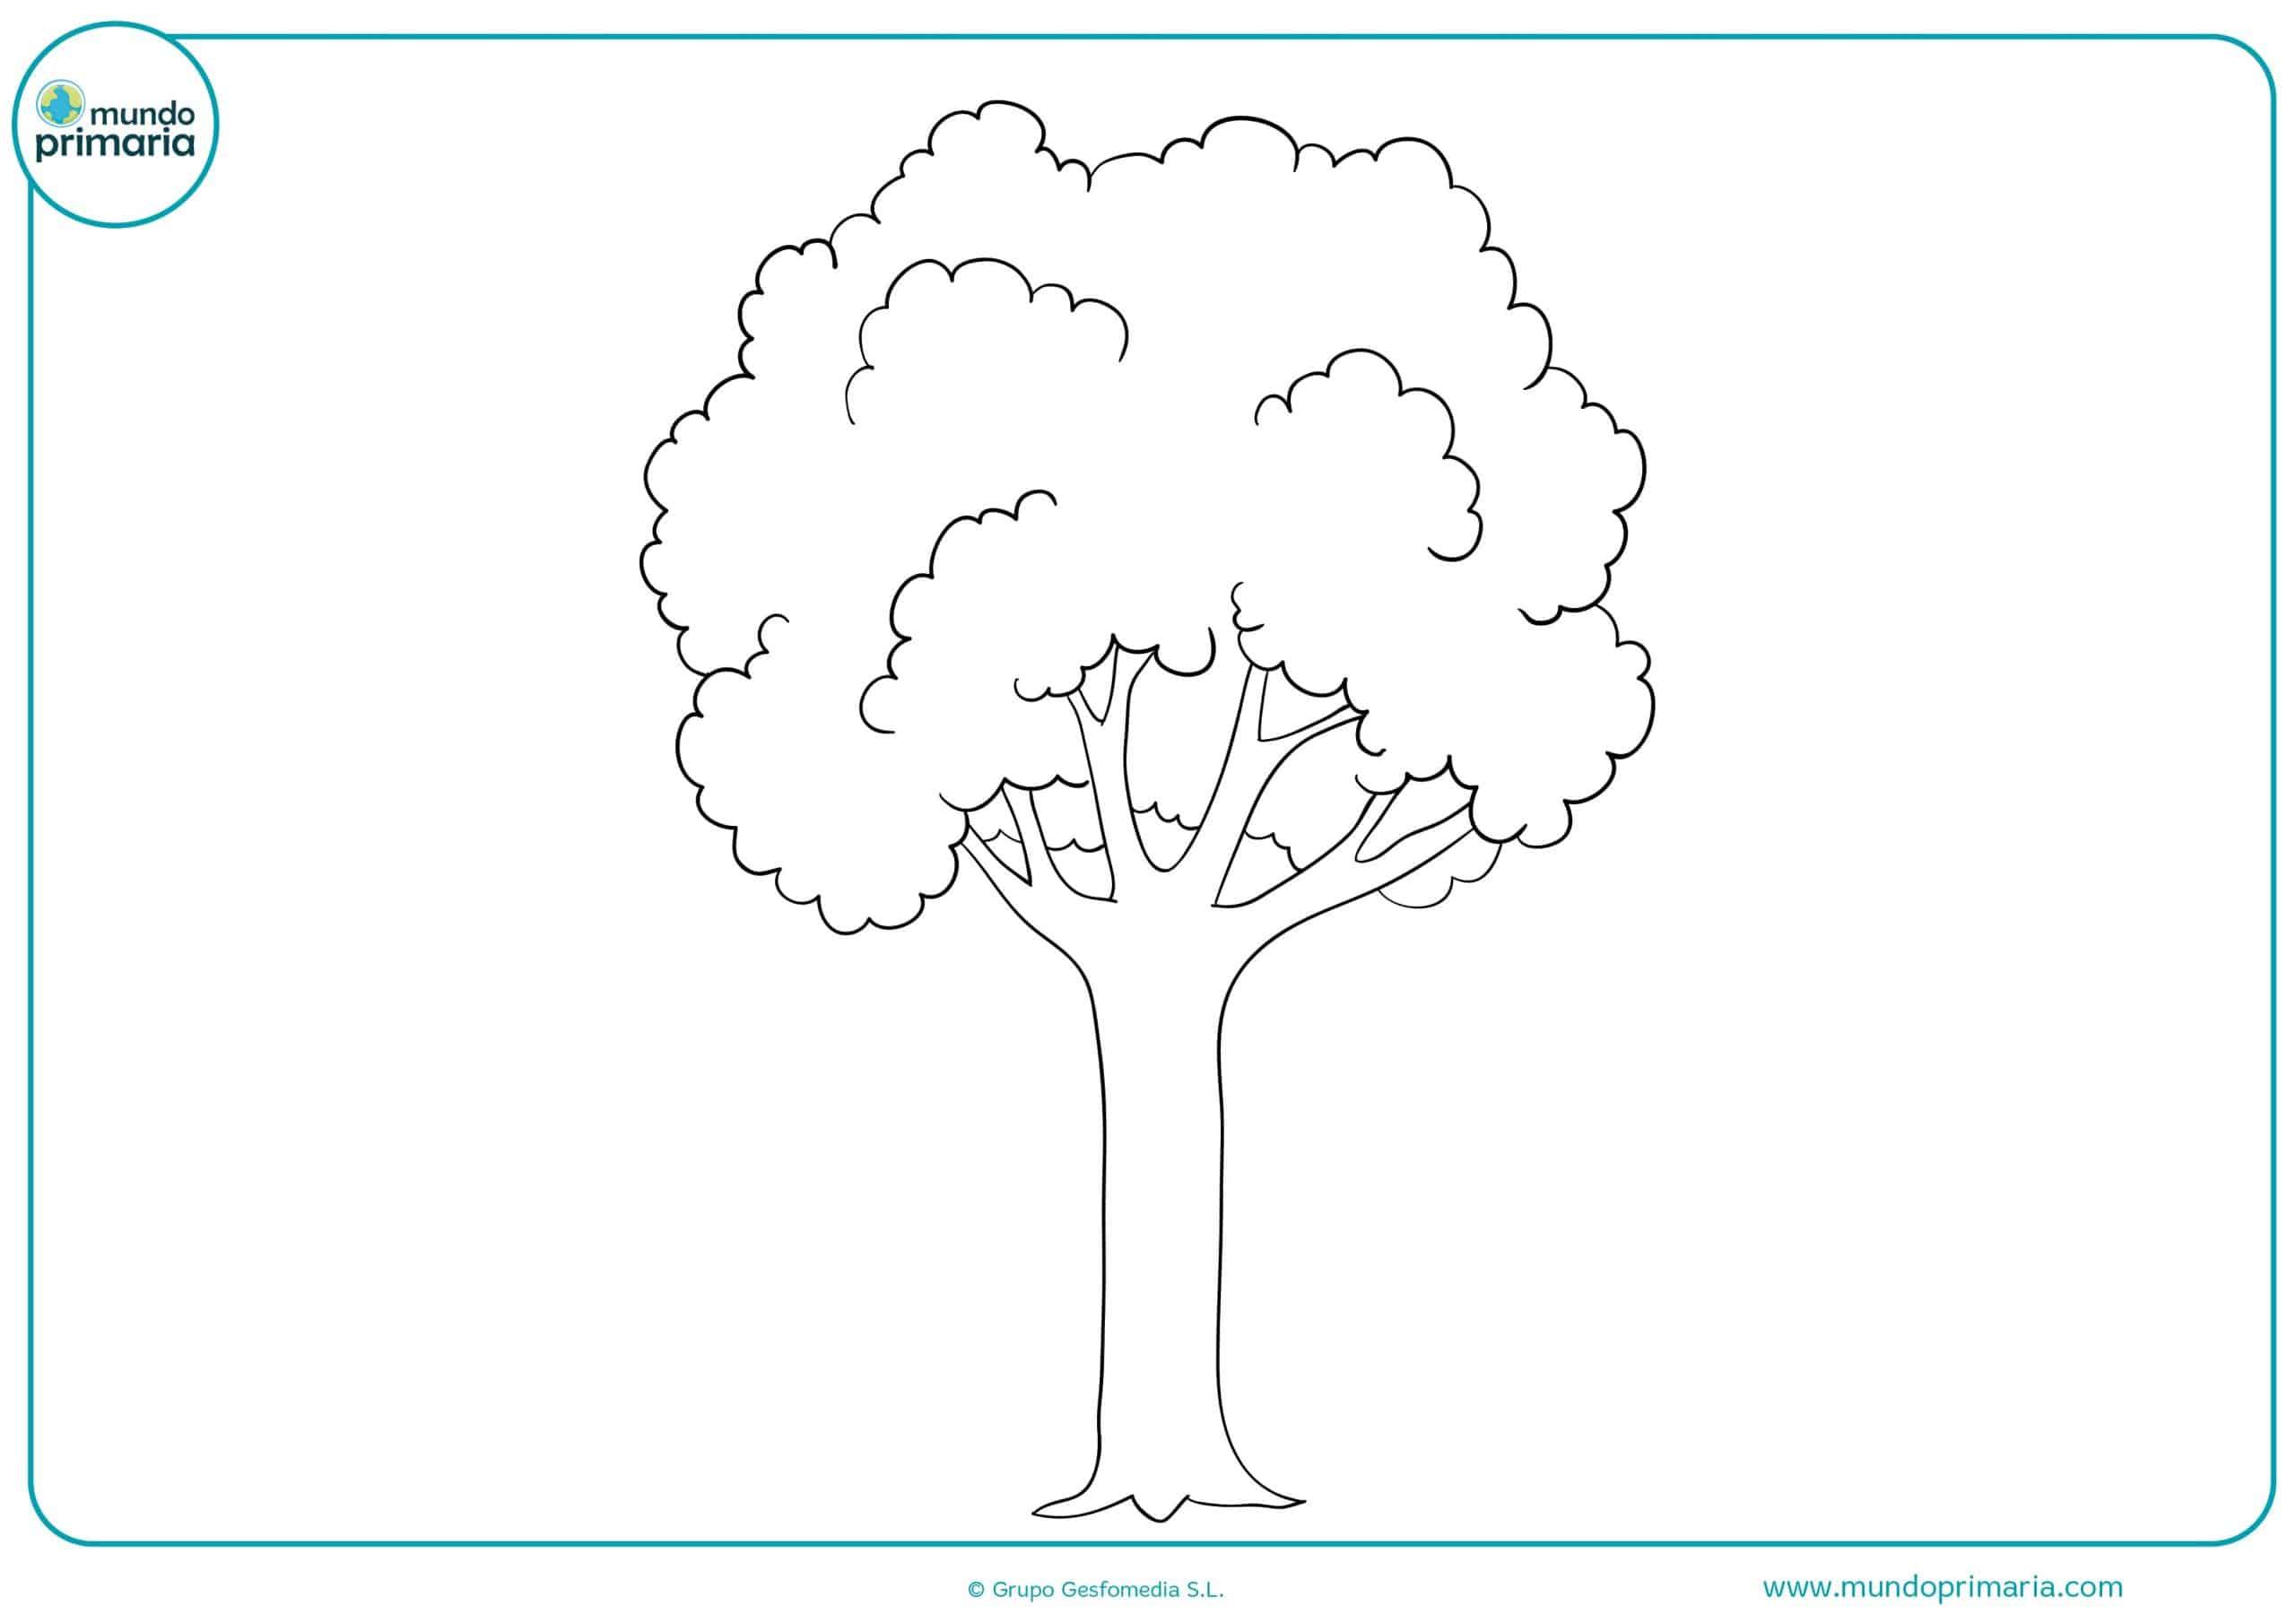 Dibujos De árboles Para Colorear Mundo Primaria